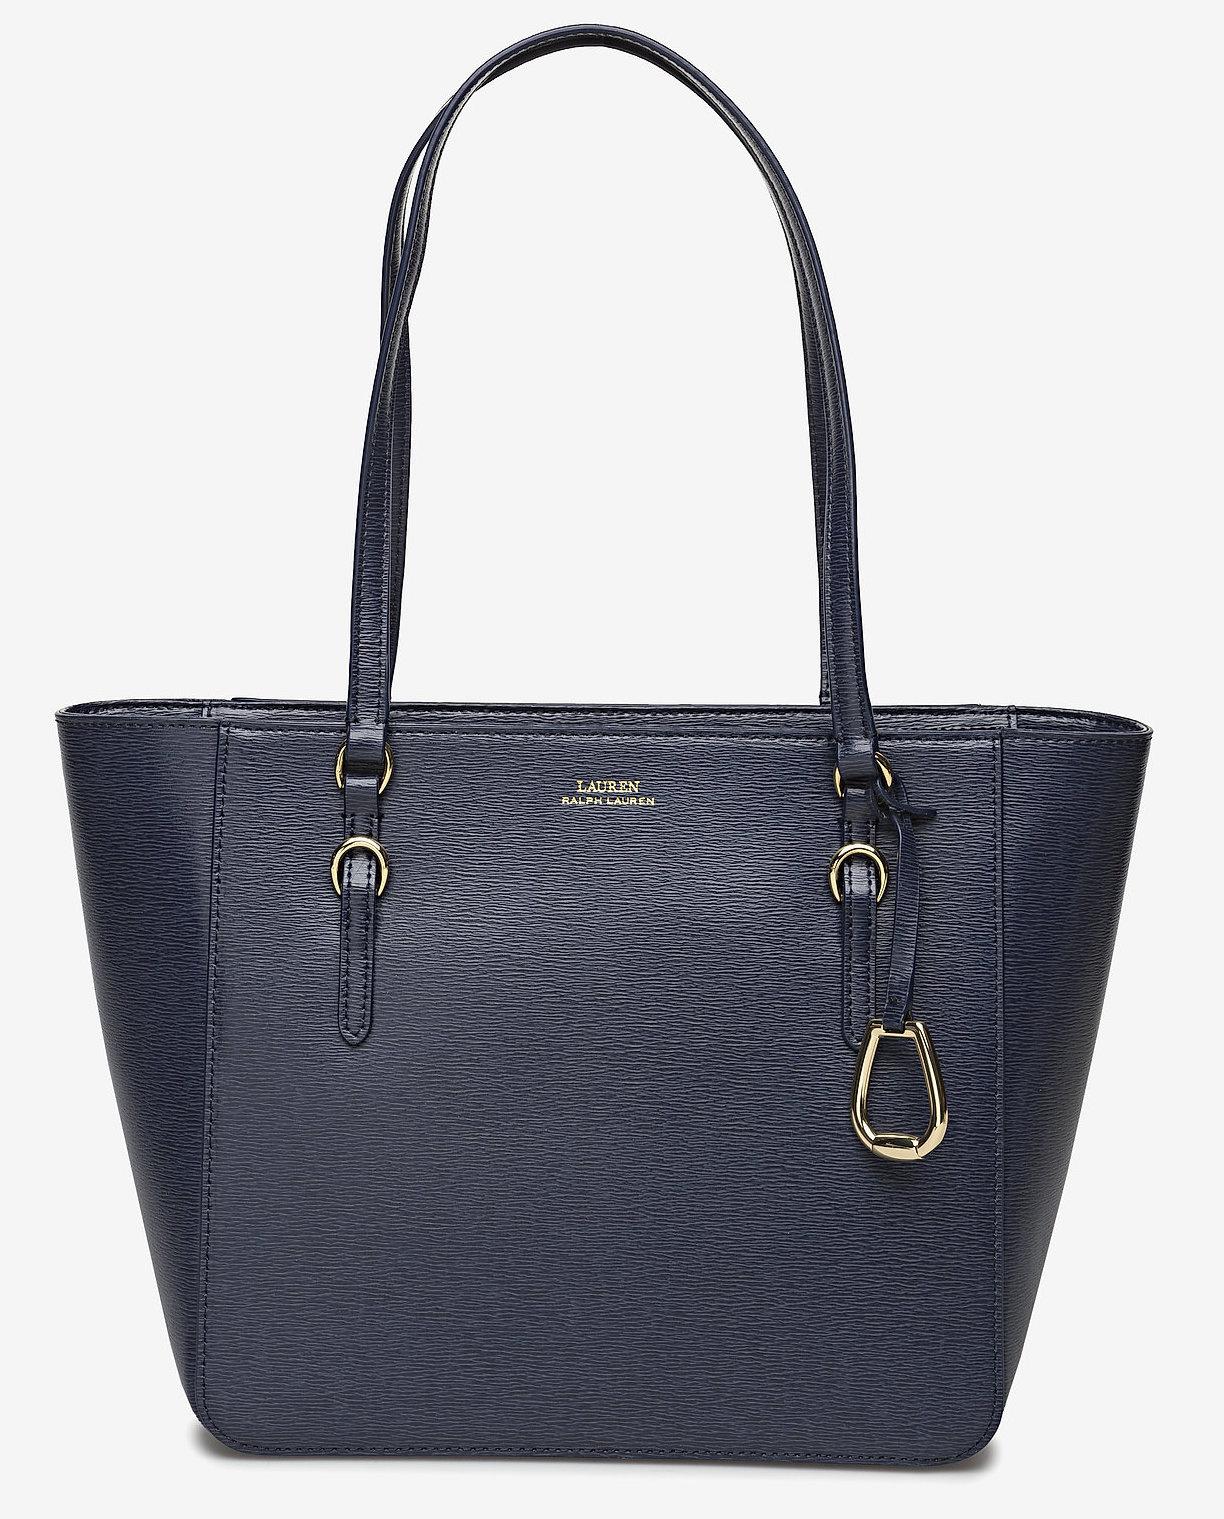 Lauren Ralph Lauren Dames handtas, blauw